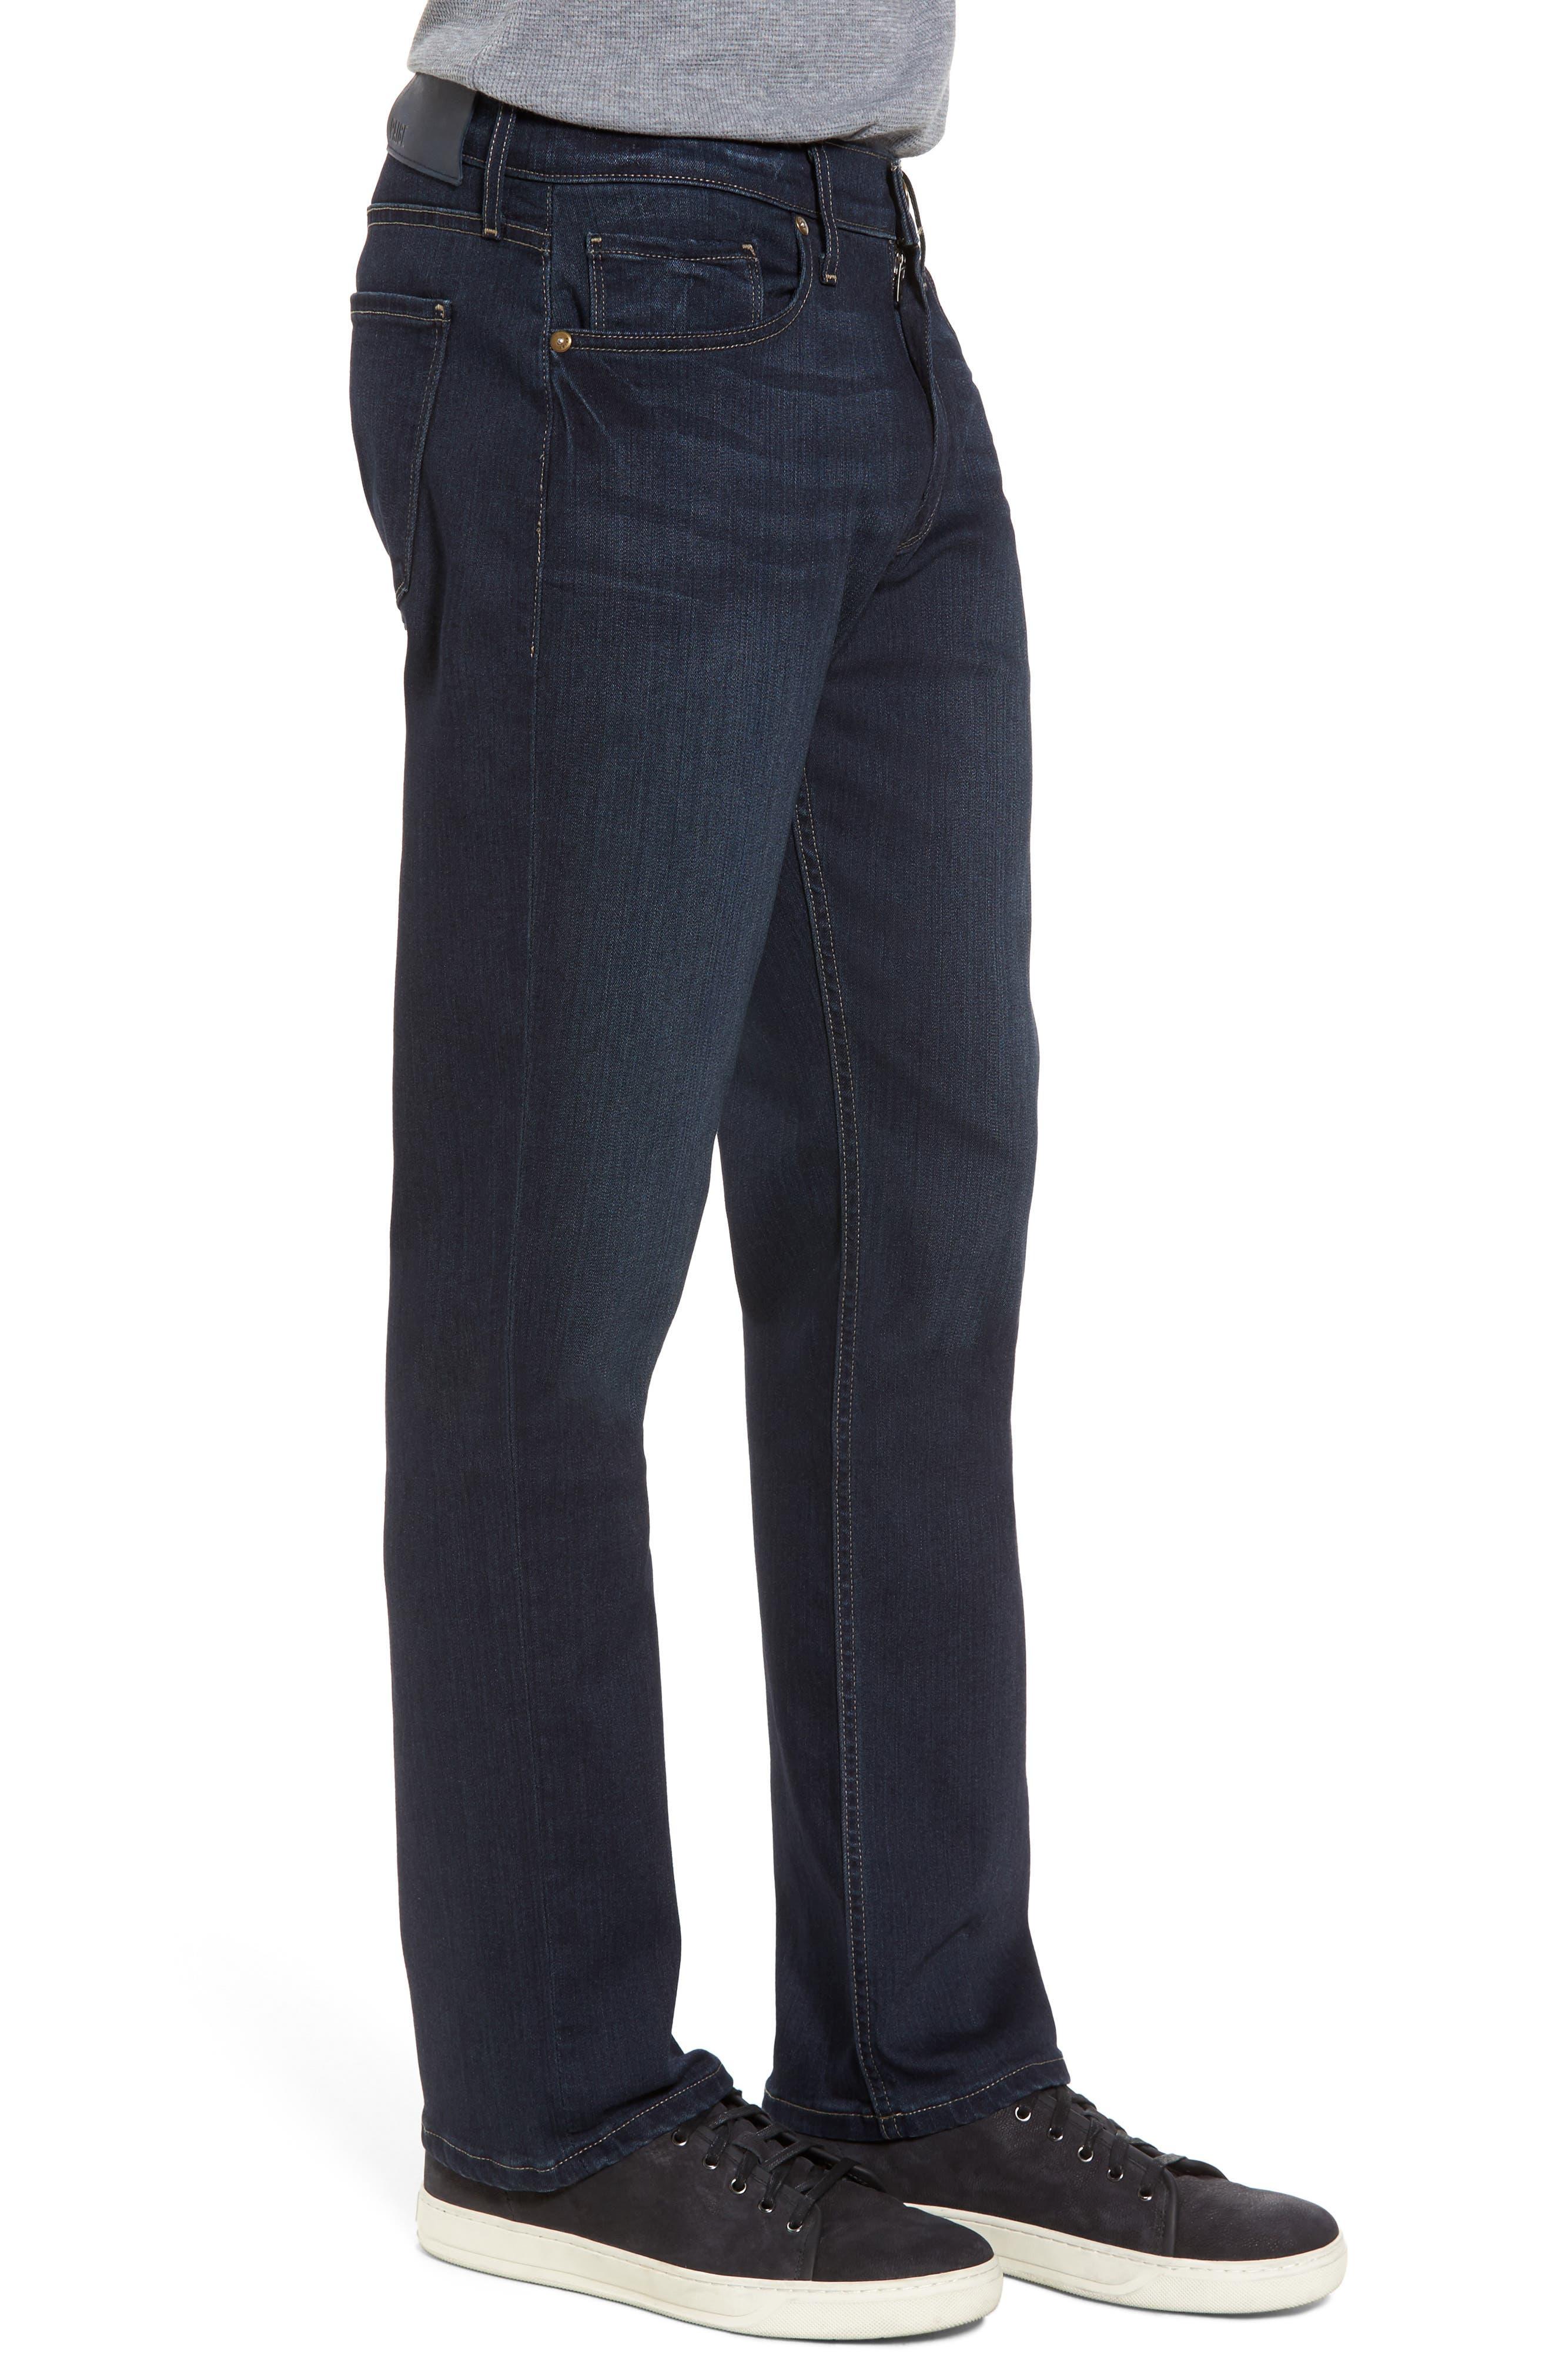 Transcend - Normandie Straight Fit Jeans,                             Alternate thumbnail 3, color,                             Barrington